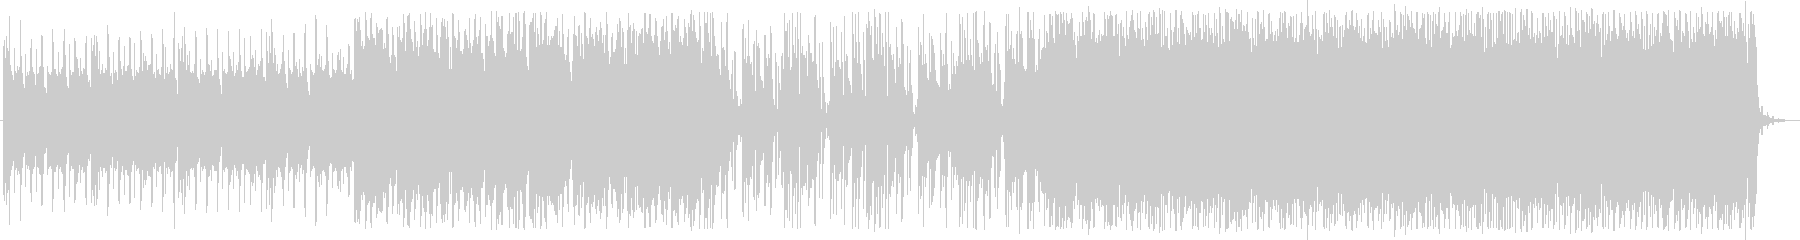 疾走感/エレクトロロック_No471_3の未再生の波形